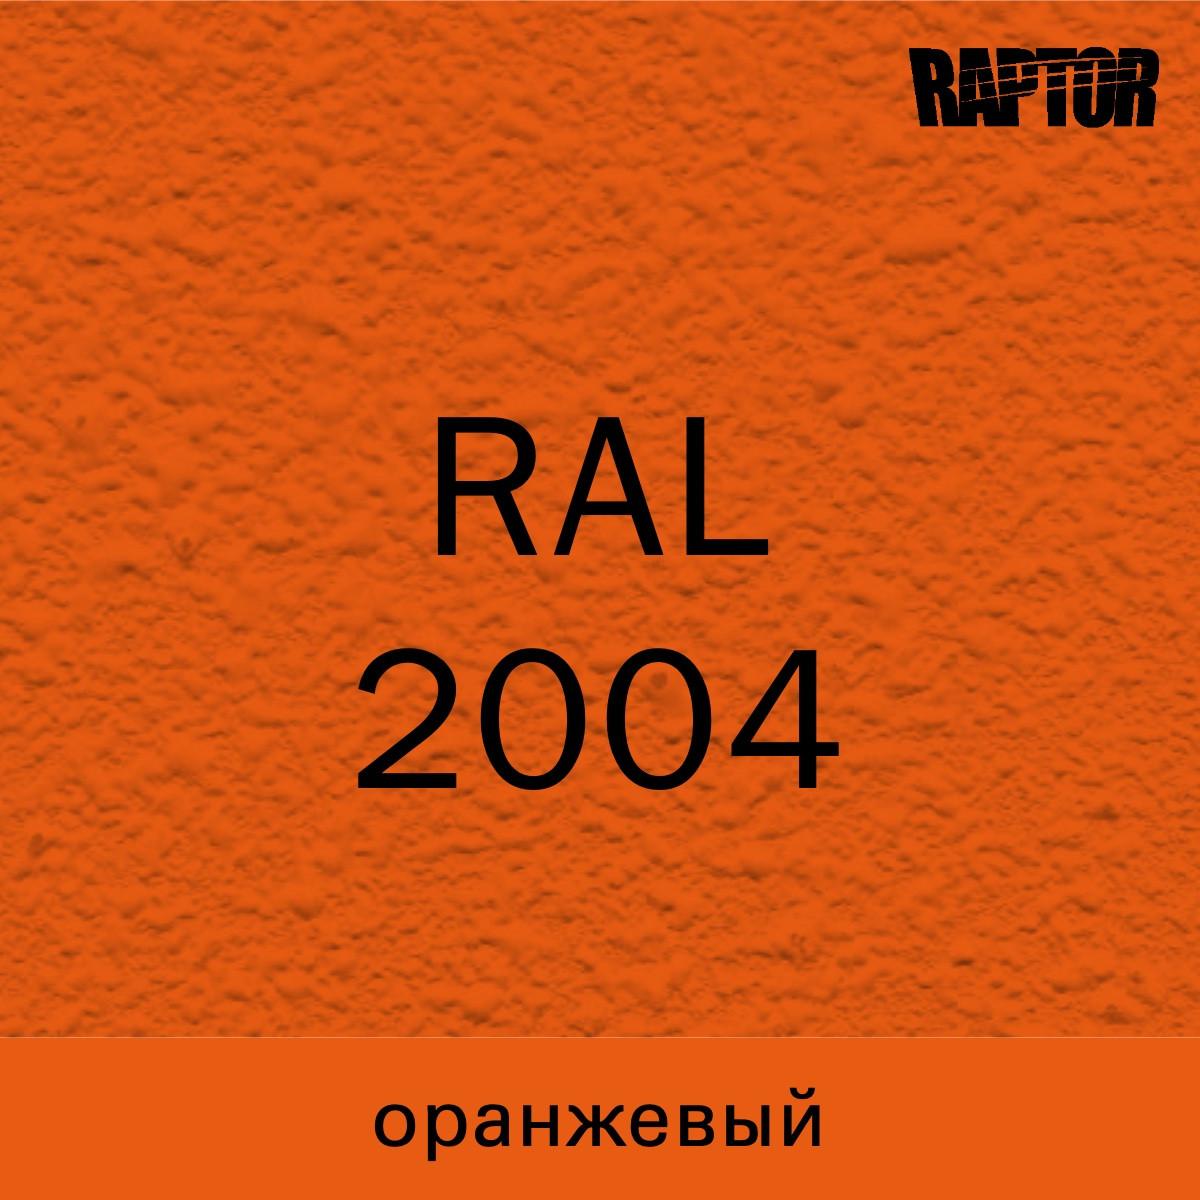 Пигмент для колеровки покрытия RAPTOR™ Оранжевый (RAL 2004)